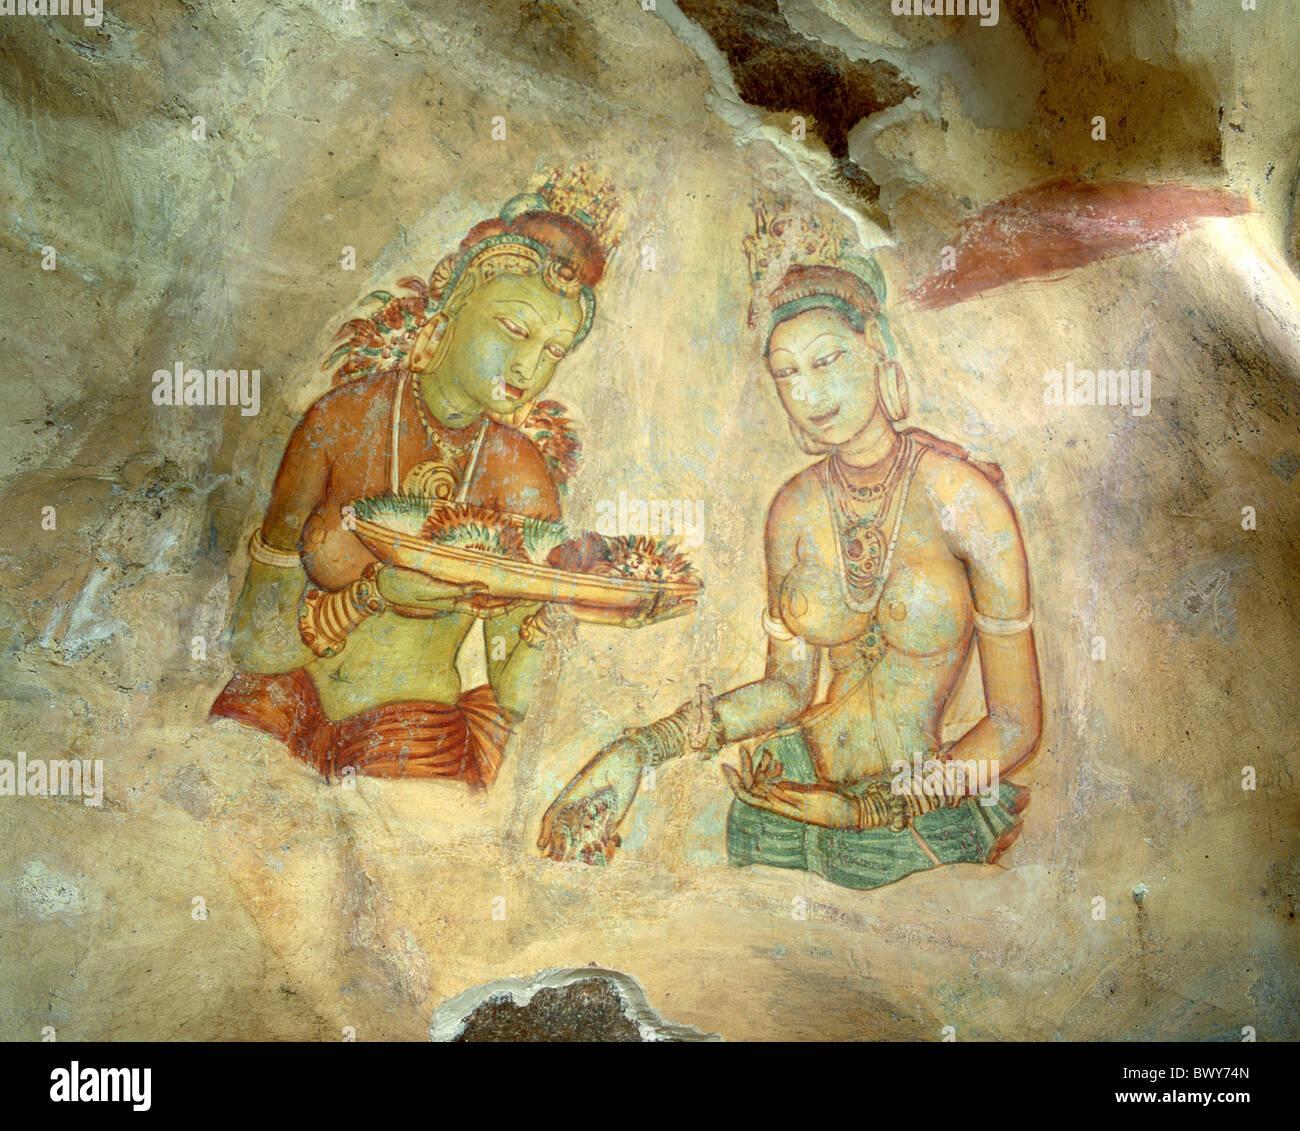 ruins Sigiriya women Sri Lanka Asia mural painting - Stock Image